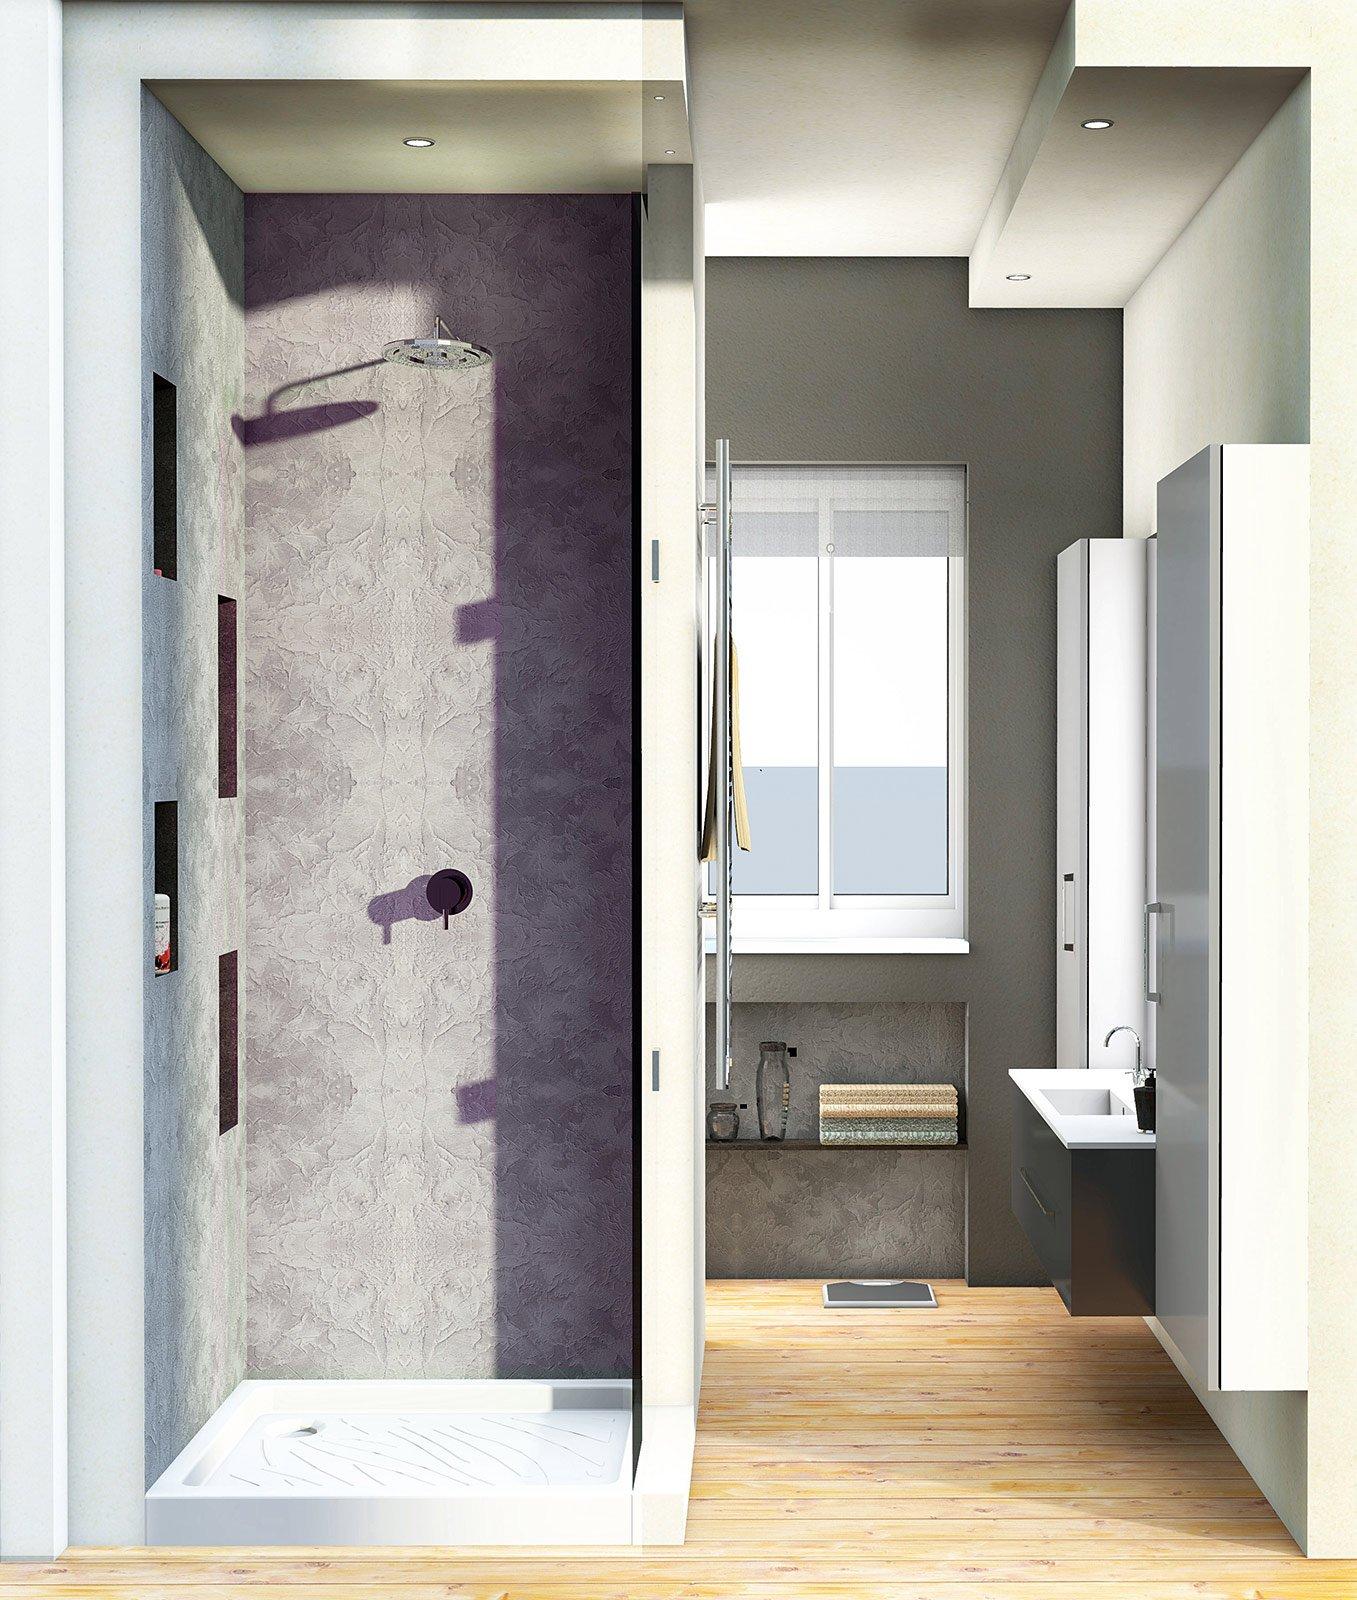 Bagno con pianta del progetto e costi dei lavori seconda soluzione cose di casa - Bagno di casa ...